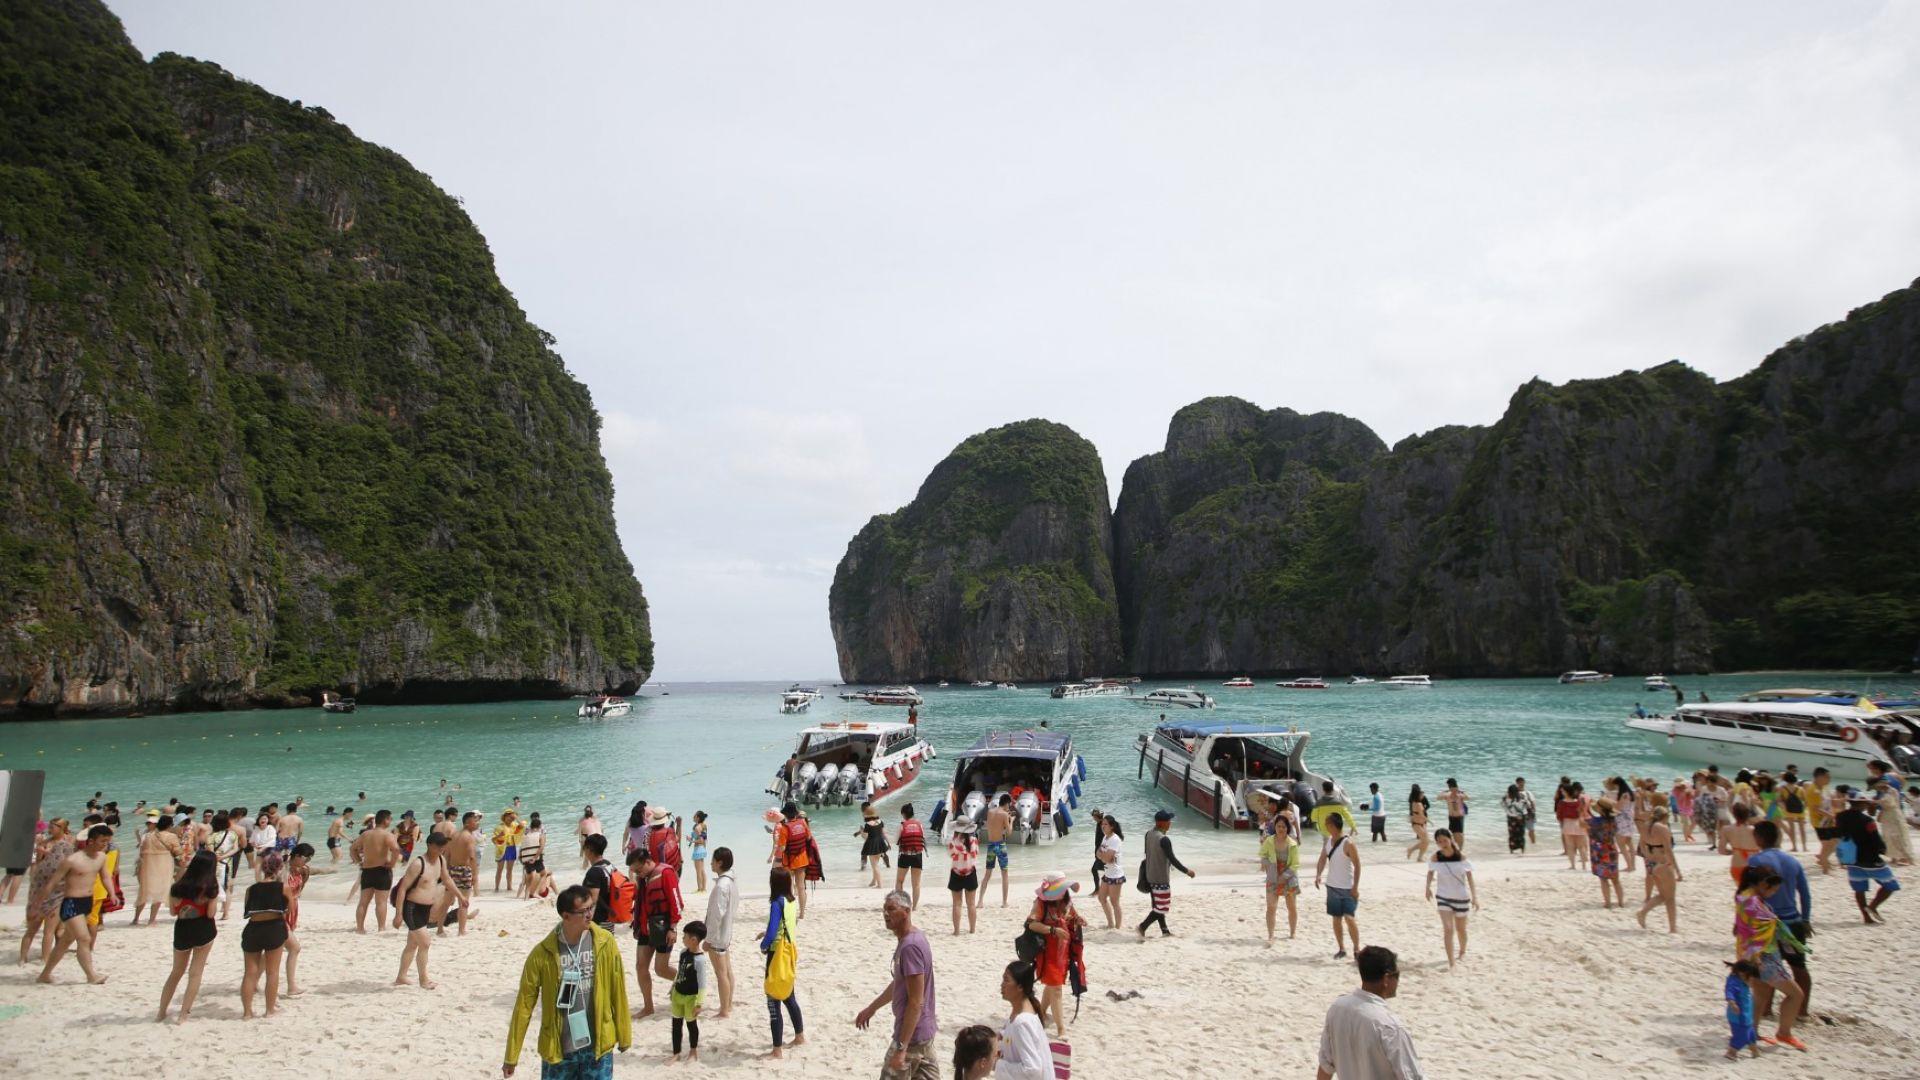 Най-известният залив в Тайланд вече е затворен (снимки)